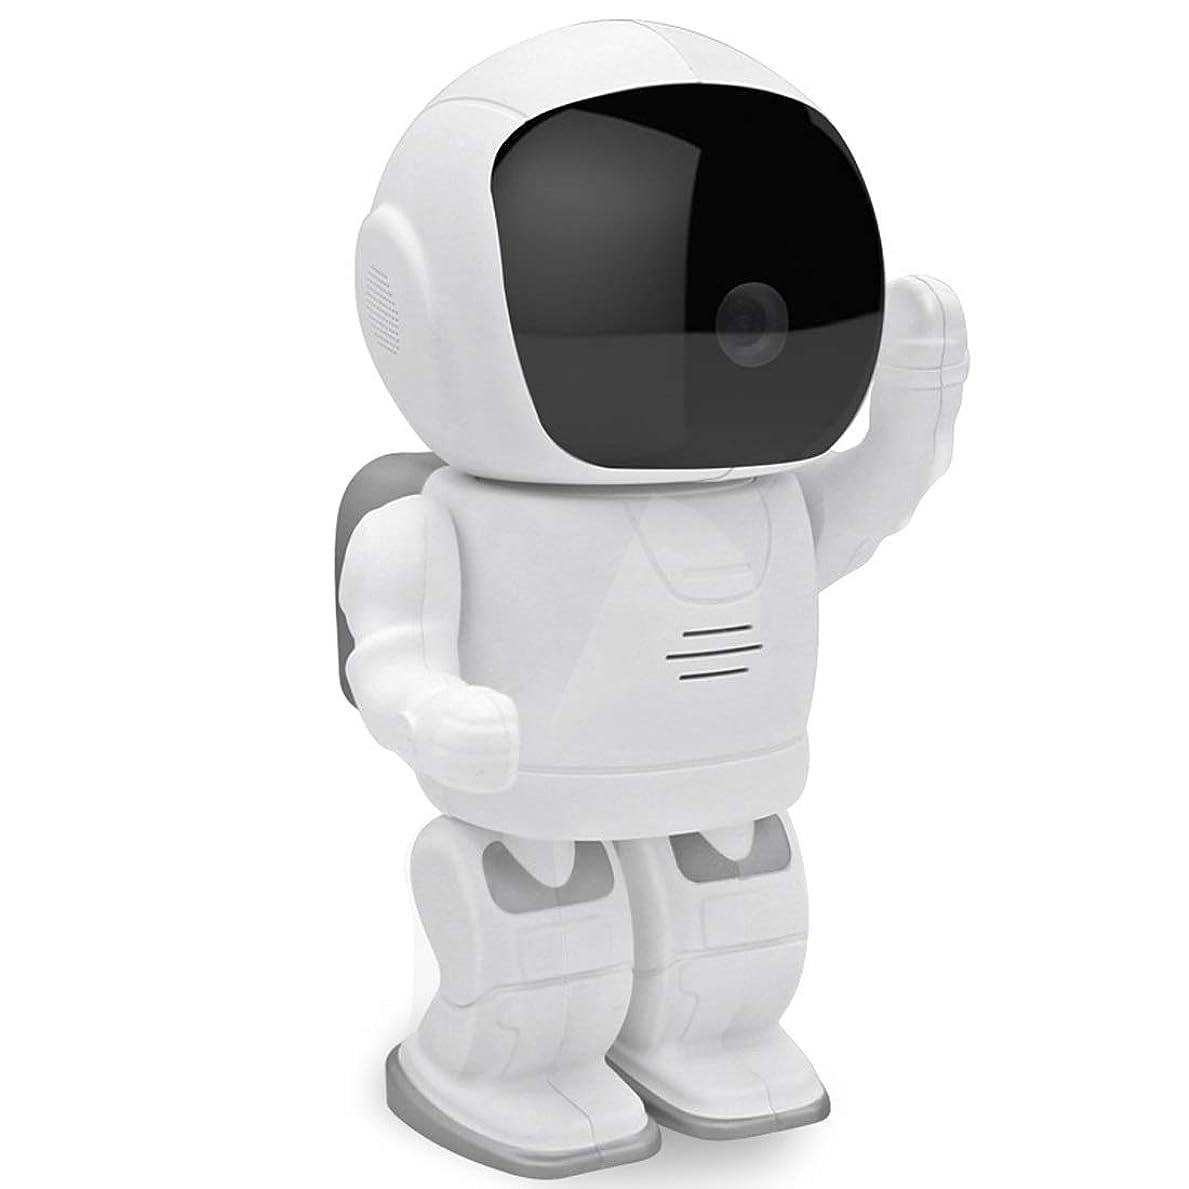 純粋な誘惑するダーツFELICIAAA 200万ワイヤレスカメラ無線LANリモート携帯電話ネットワークロボットHDカメラ赤外線モニター